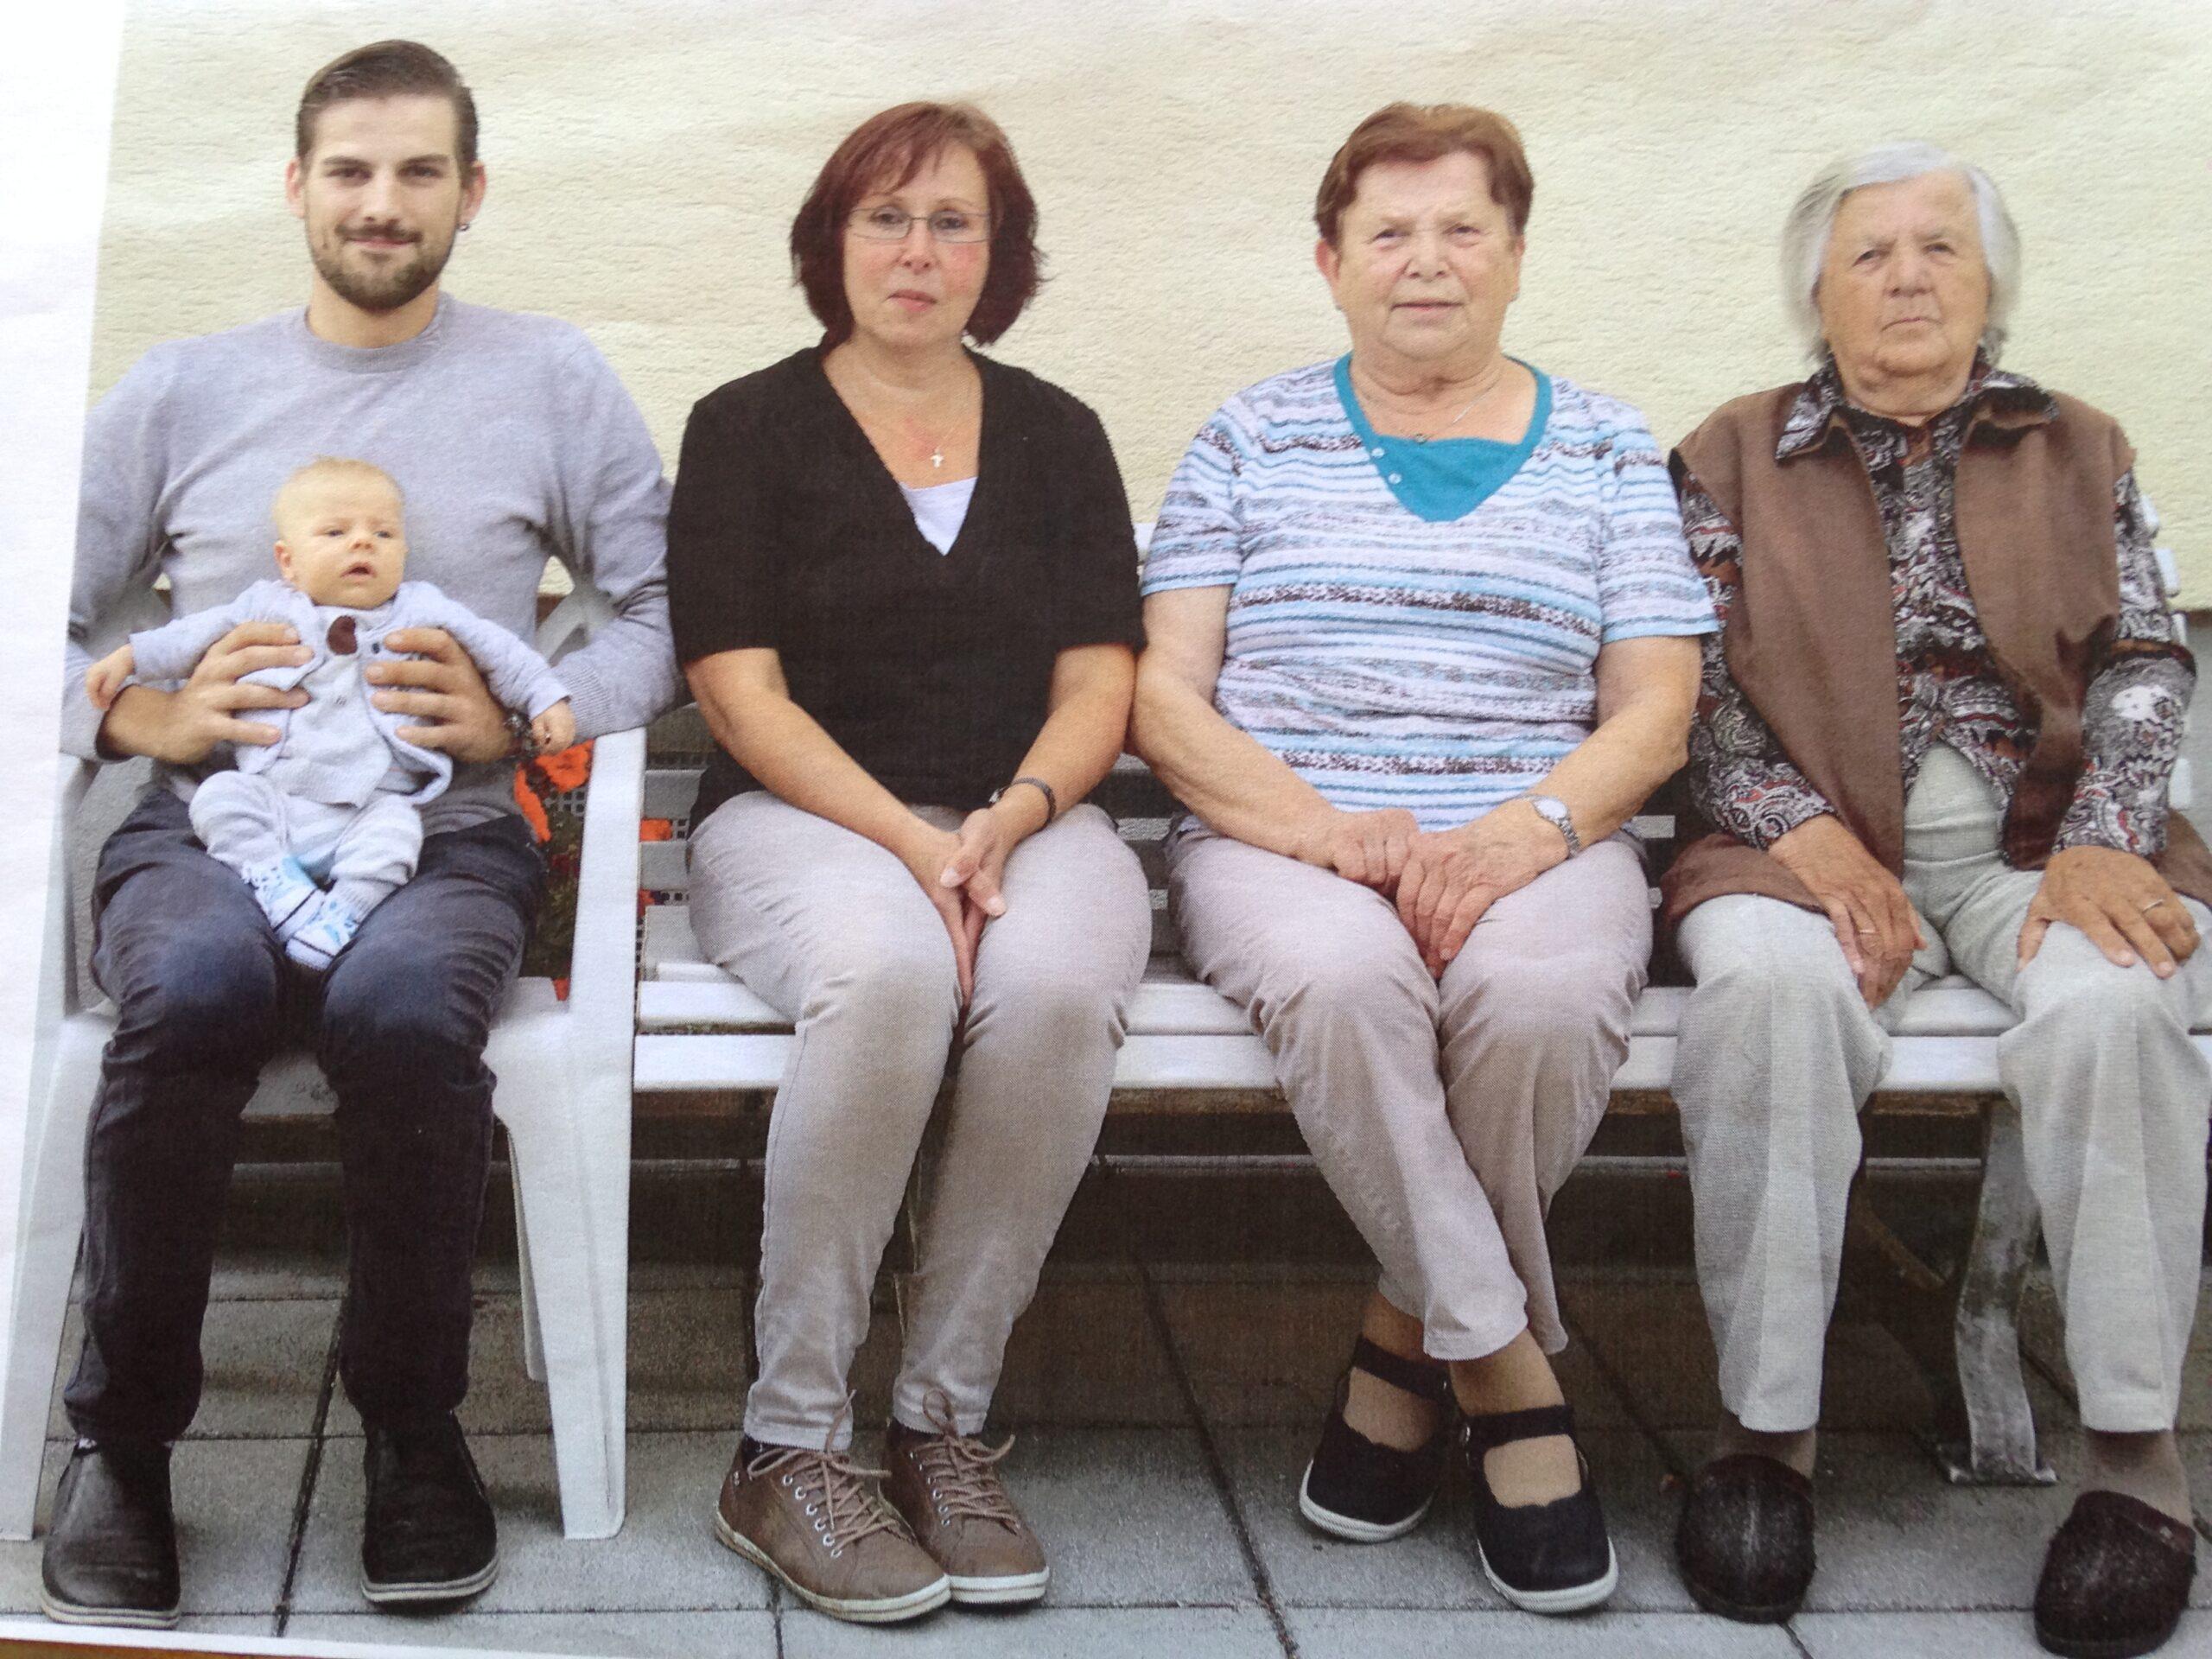 Cinco generaciones de una familia juntas